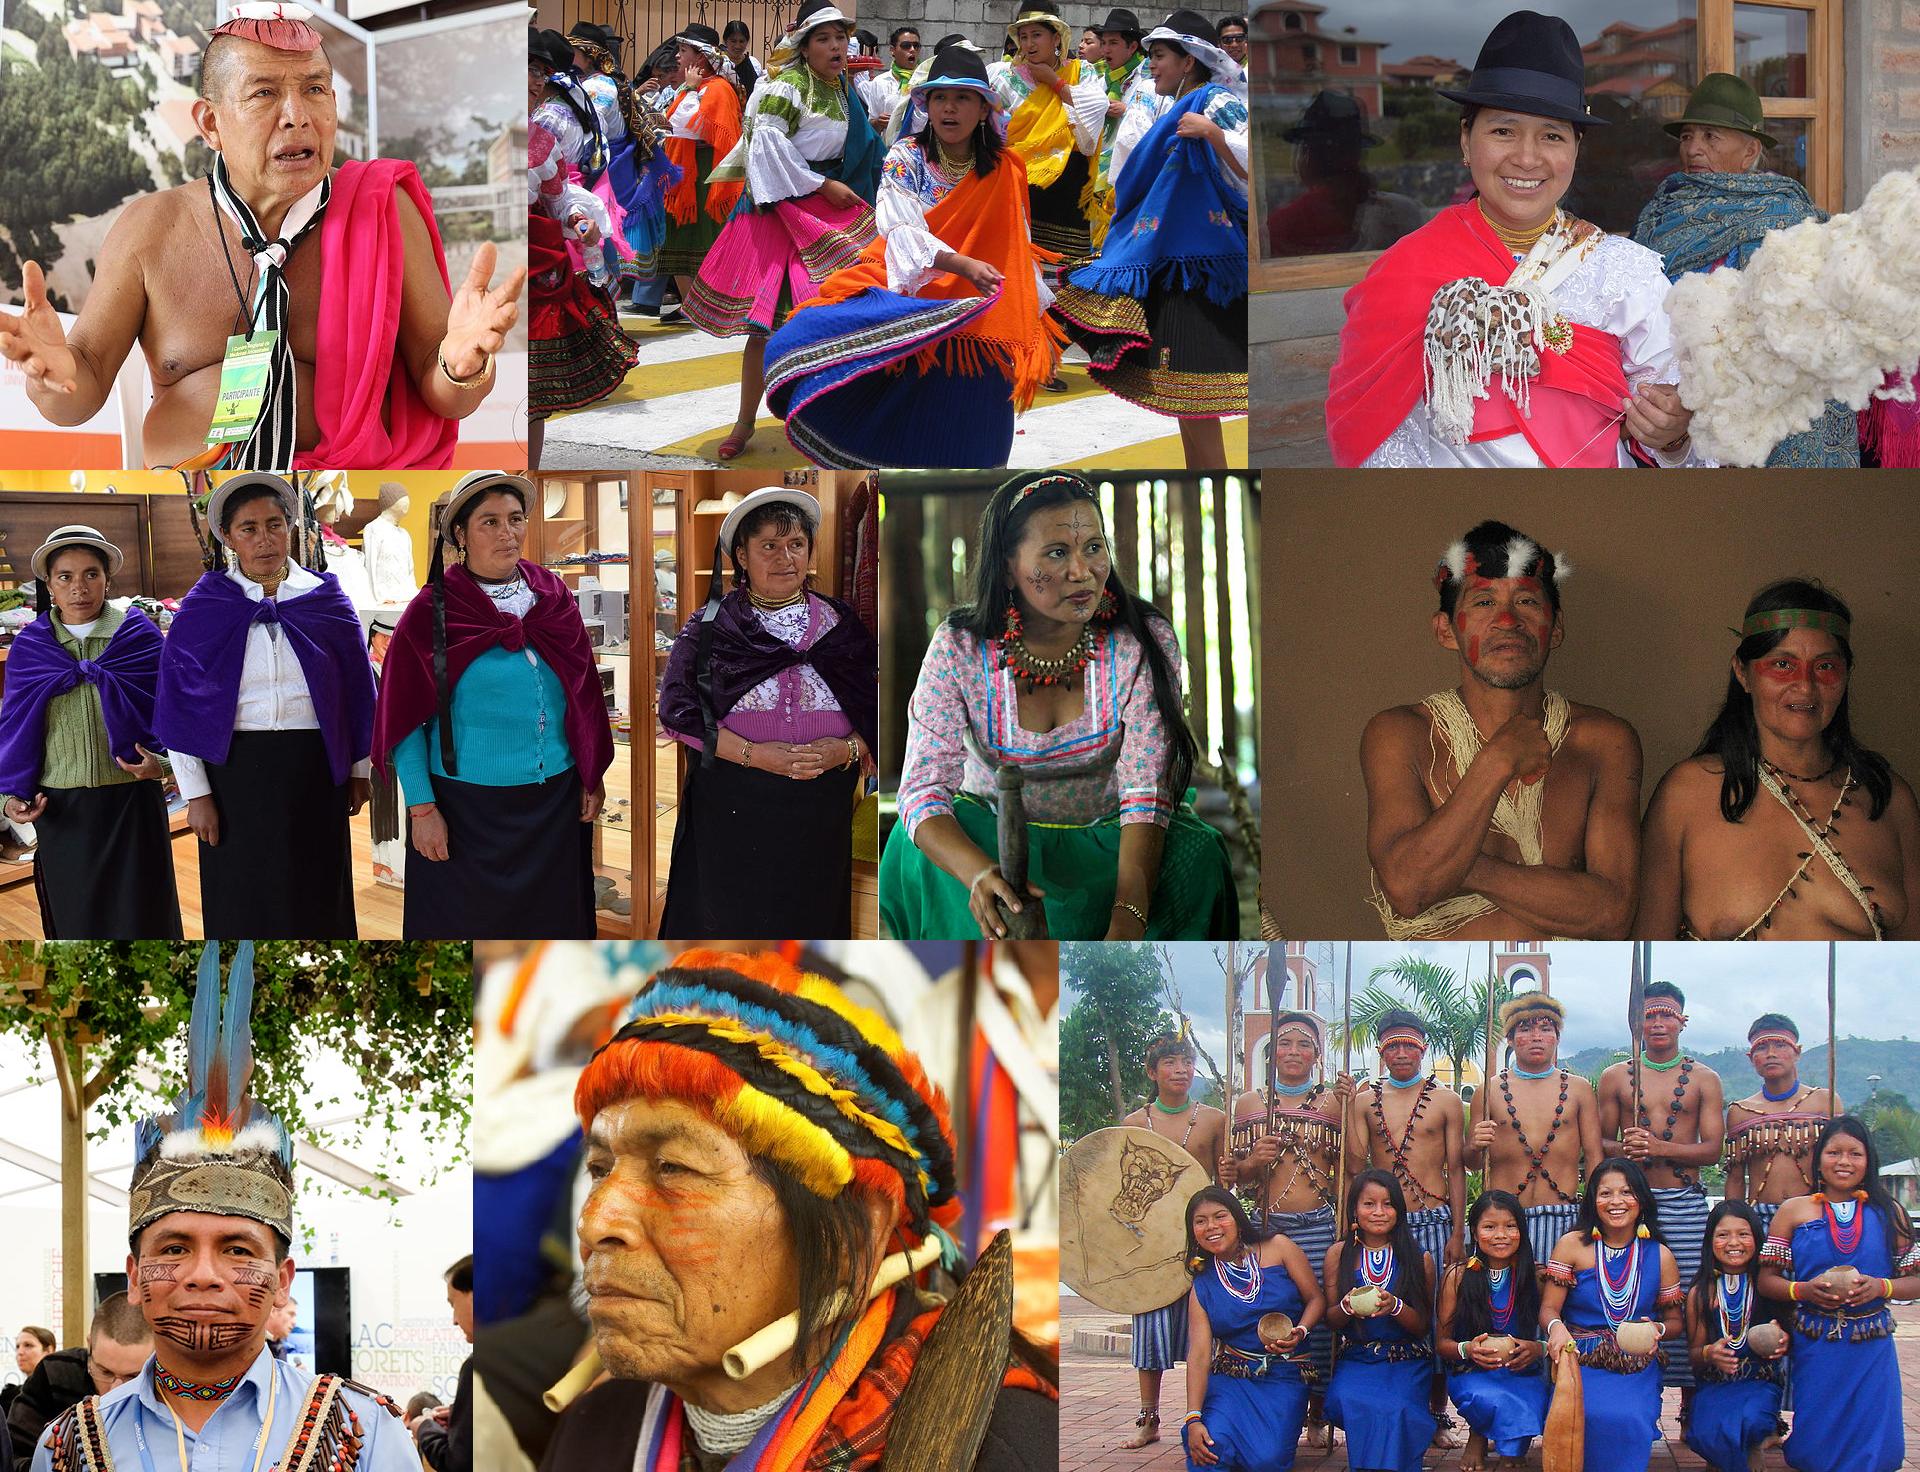 Indígenas en Ecuador - Wikipedia, la enciclopedia libre